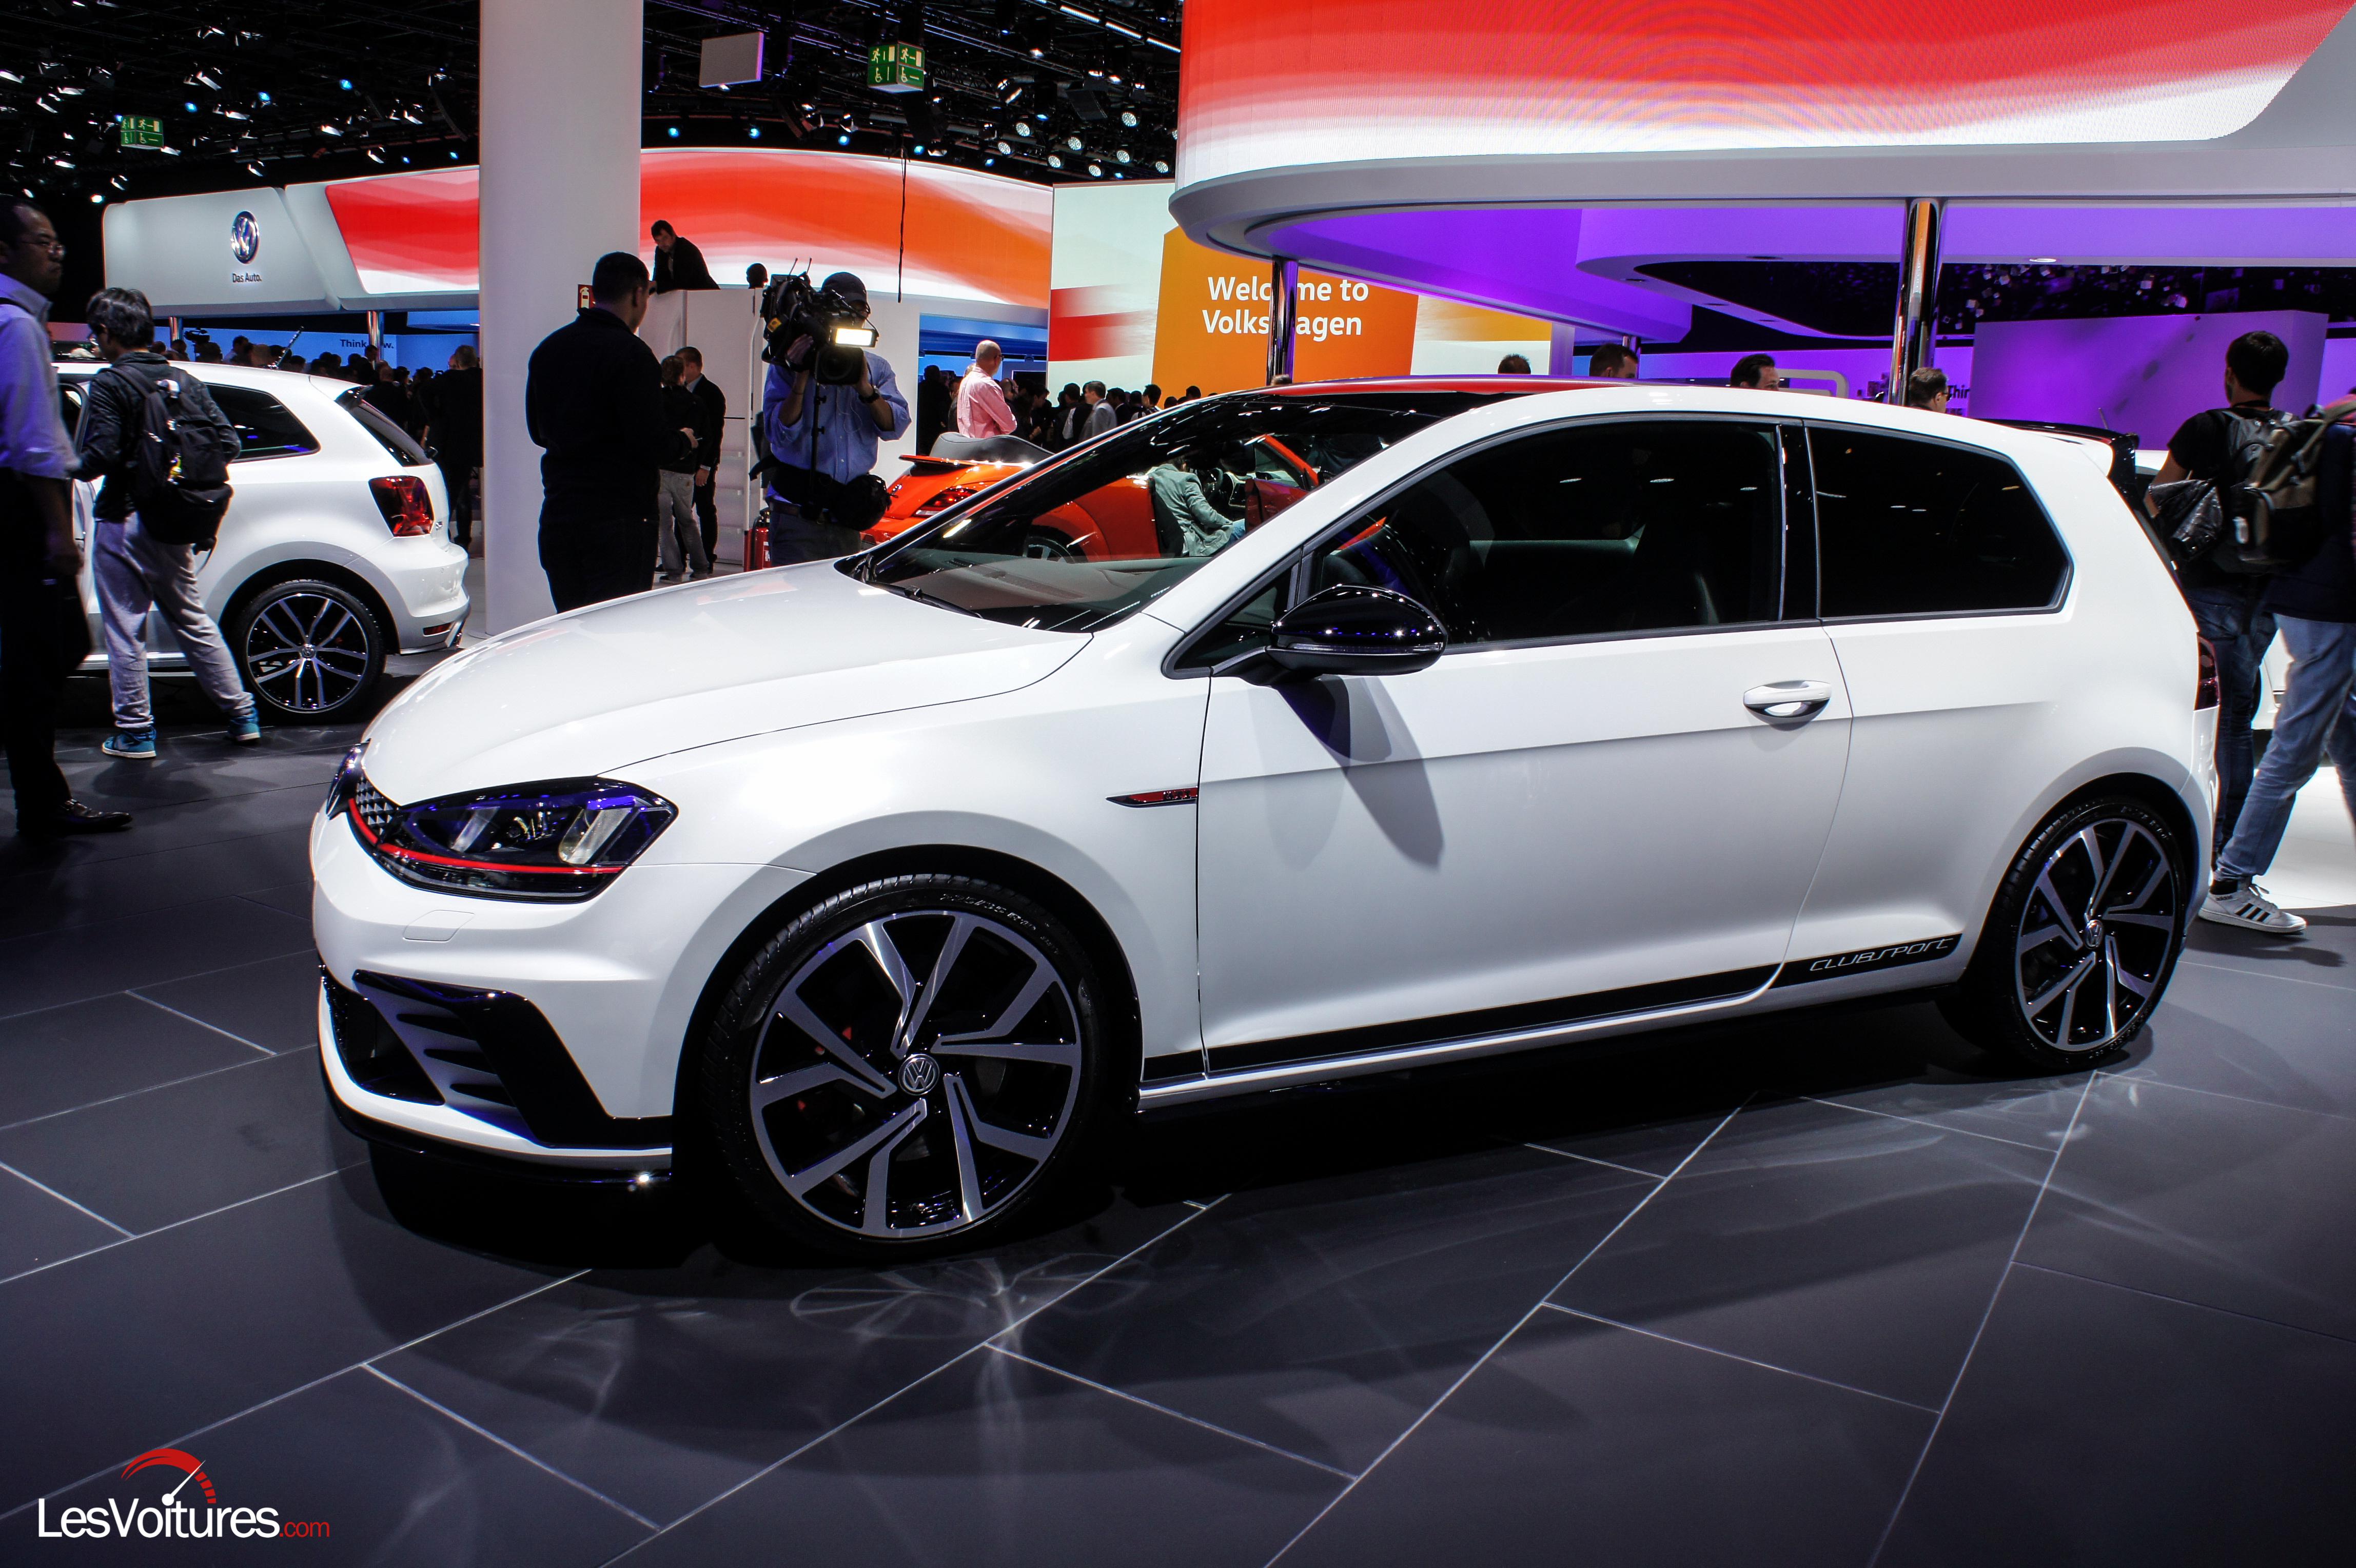 salon francfort 2015 automobile 82 volkswagen gti clubsport les voitures. Black Bedroom Furniture Sets. Home Design Ideas